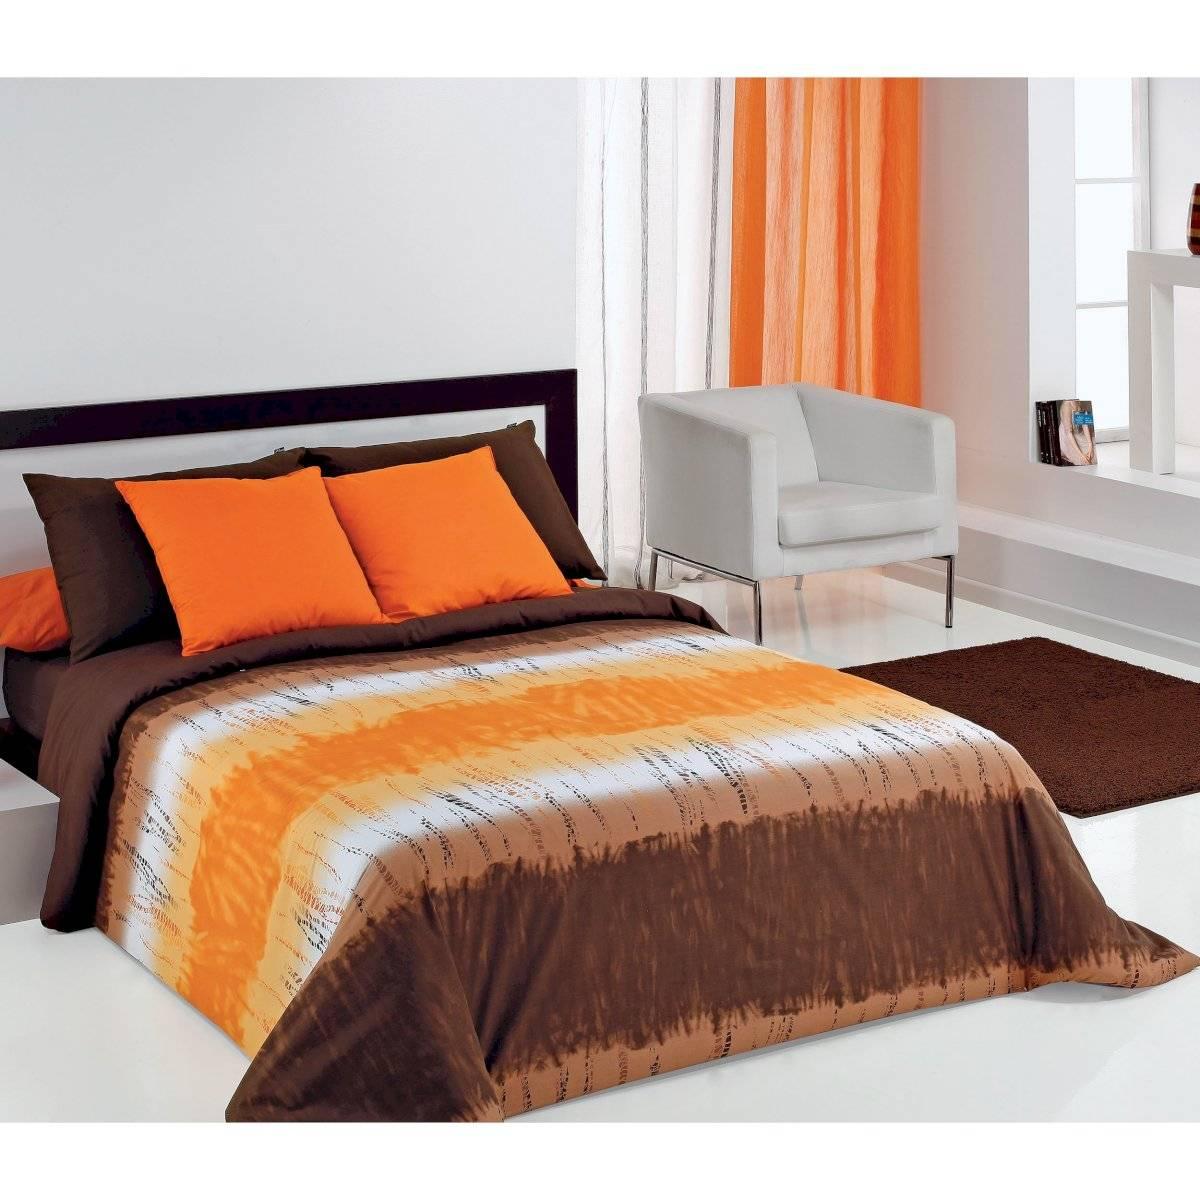 Cojines color naranja en nuestro dormitorio